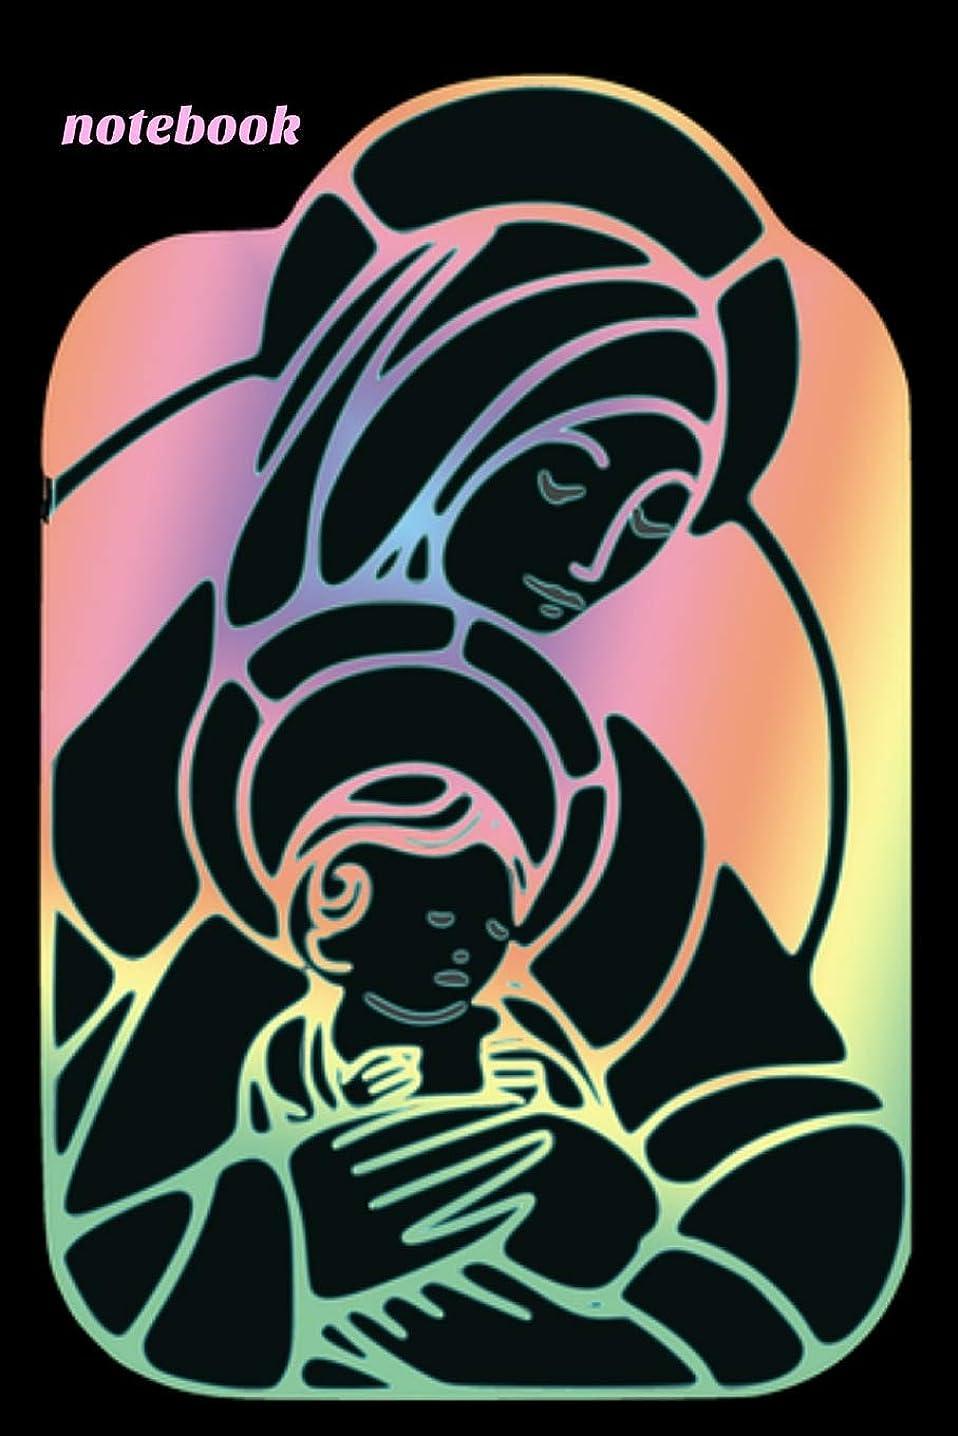 シャーロットブロンテ乞食金銭的なNotebook: Our Lady Of Guadalupe Virgin  Mary Book Notepad Notebook Composition and Journal Gratitude Diary